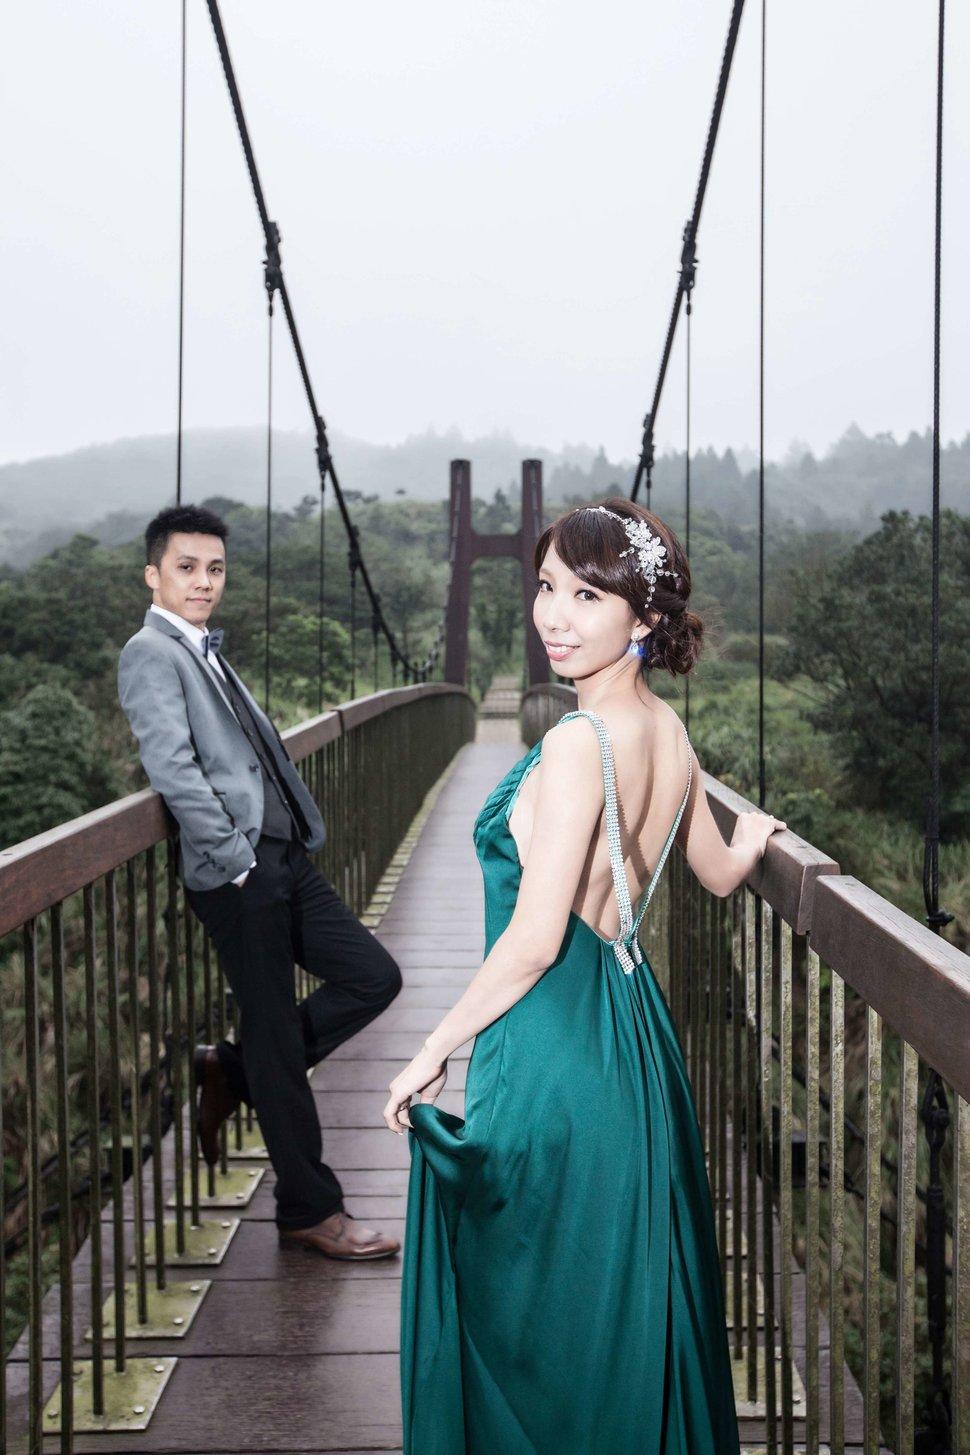 IMG_0607-3_縮 - 春之嫁衣精緻婚紗 - 結婚吧一站式婚禮服務平台